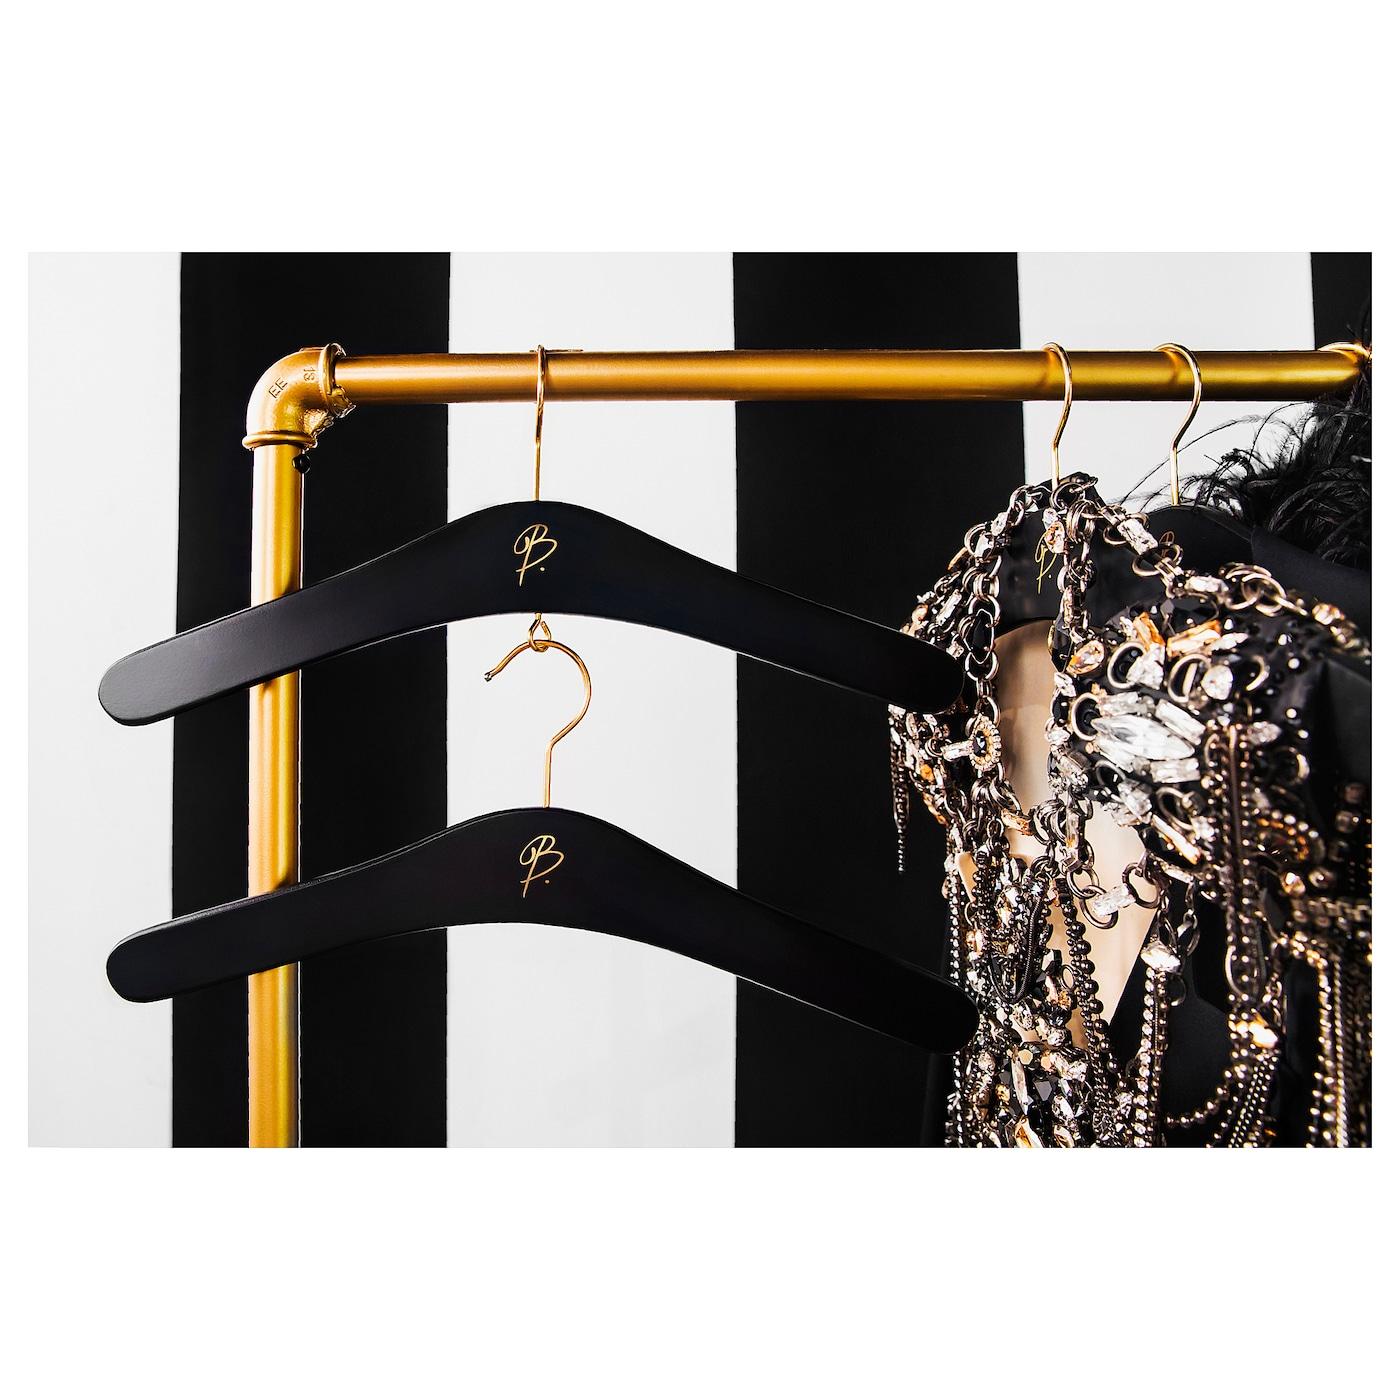 omedelbar cintre courb noir couleur or ikea. Black Bedroom Furniture Sets. Home Design Ideas